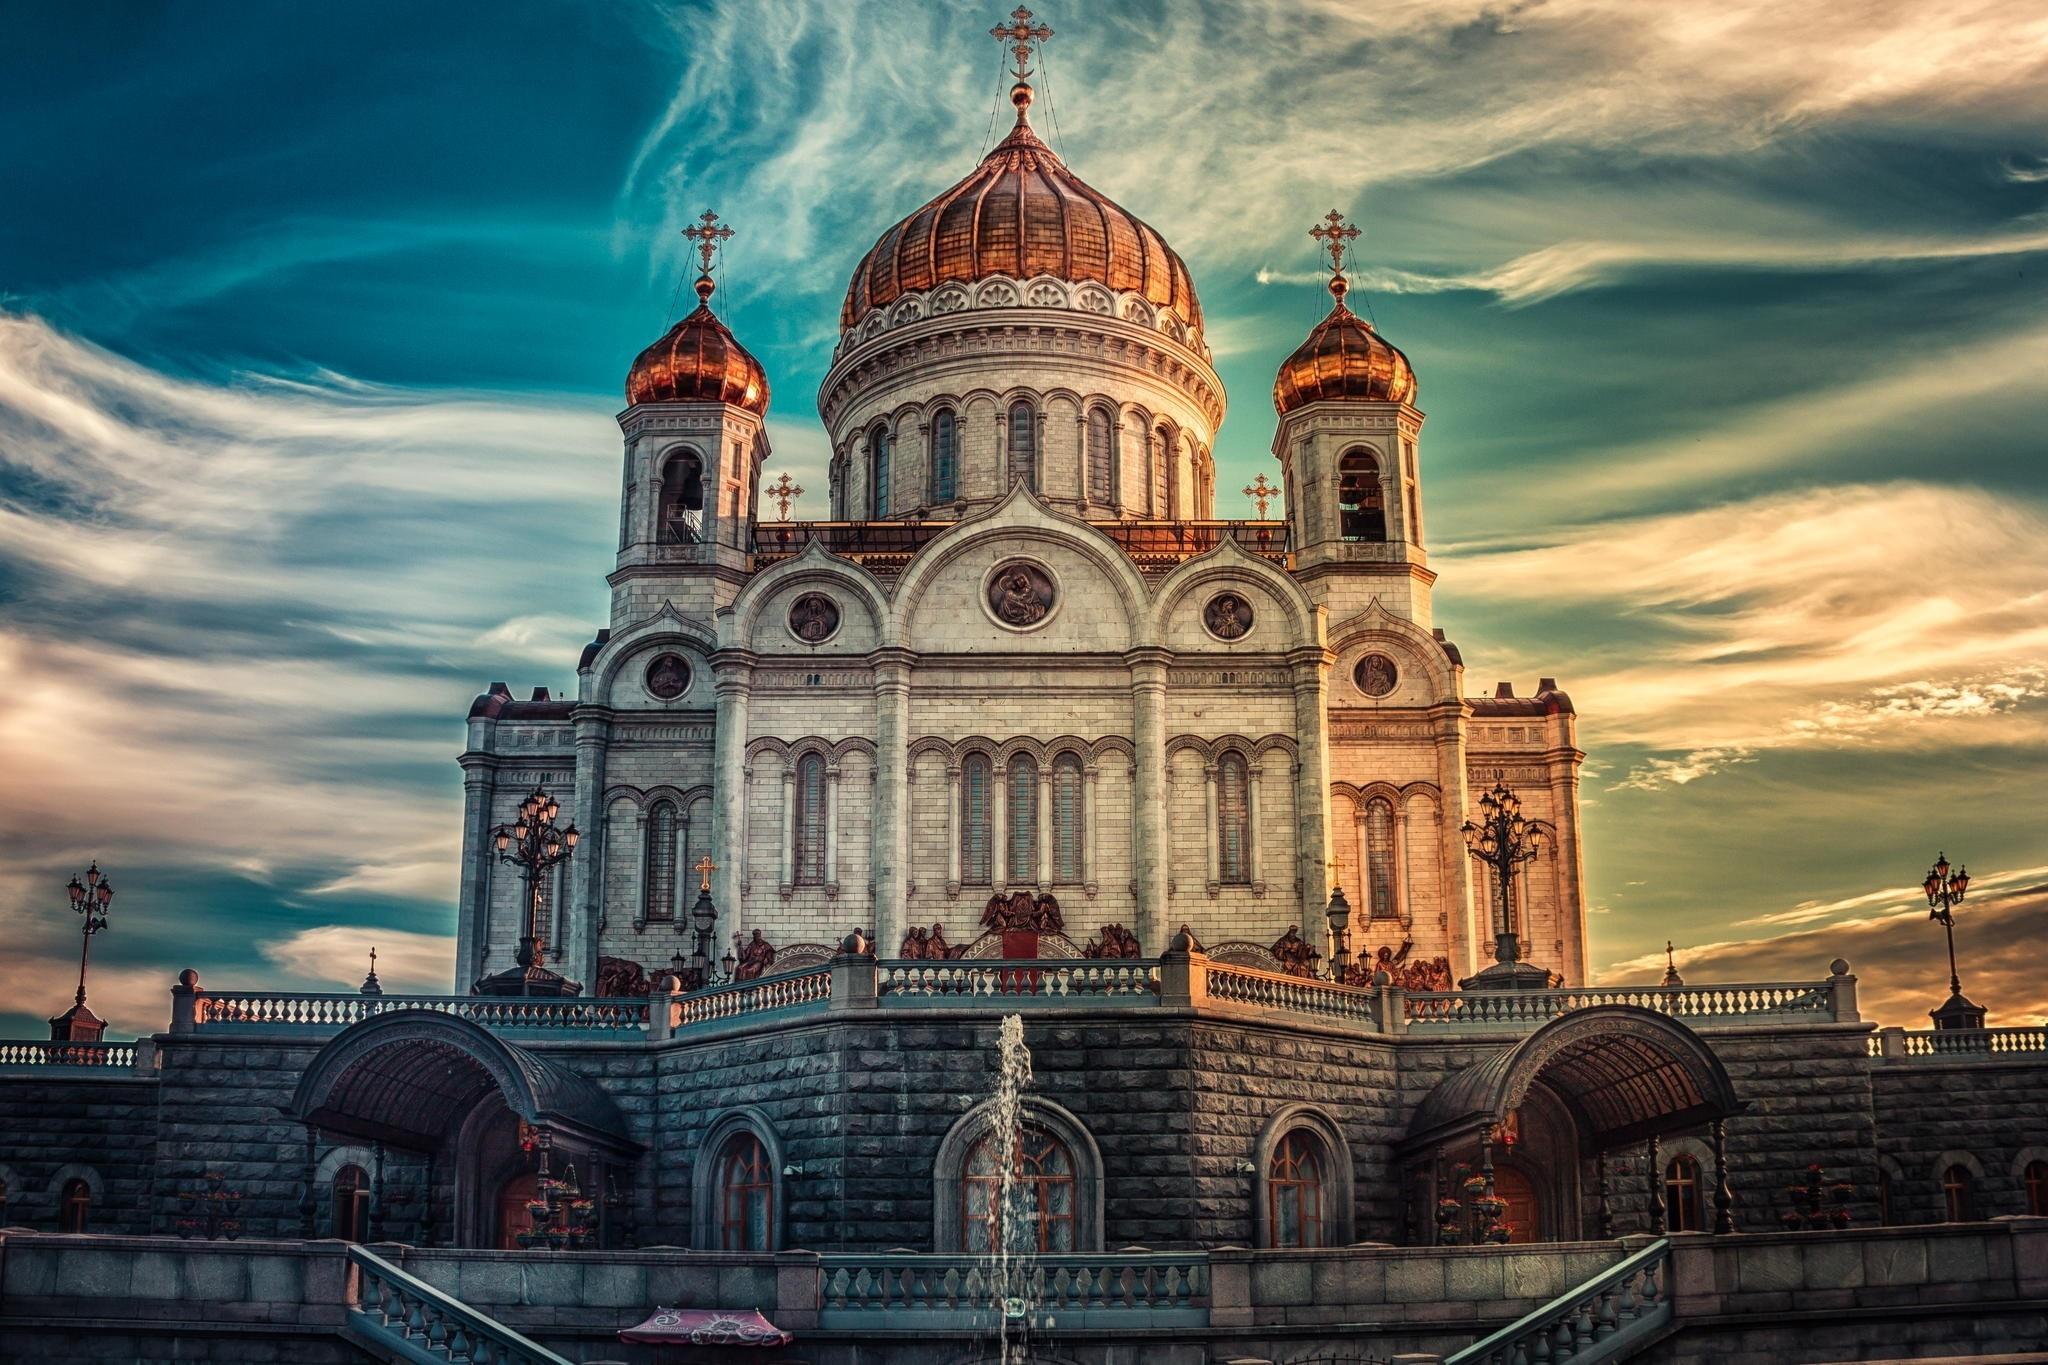 существует качественные фото соборов церквей россии автомобиль дешевле